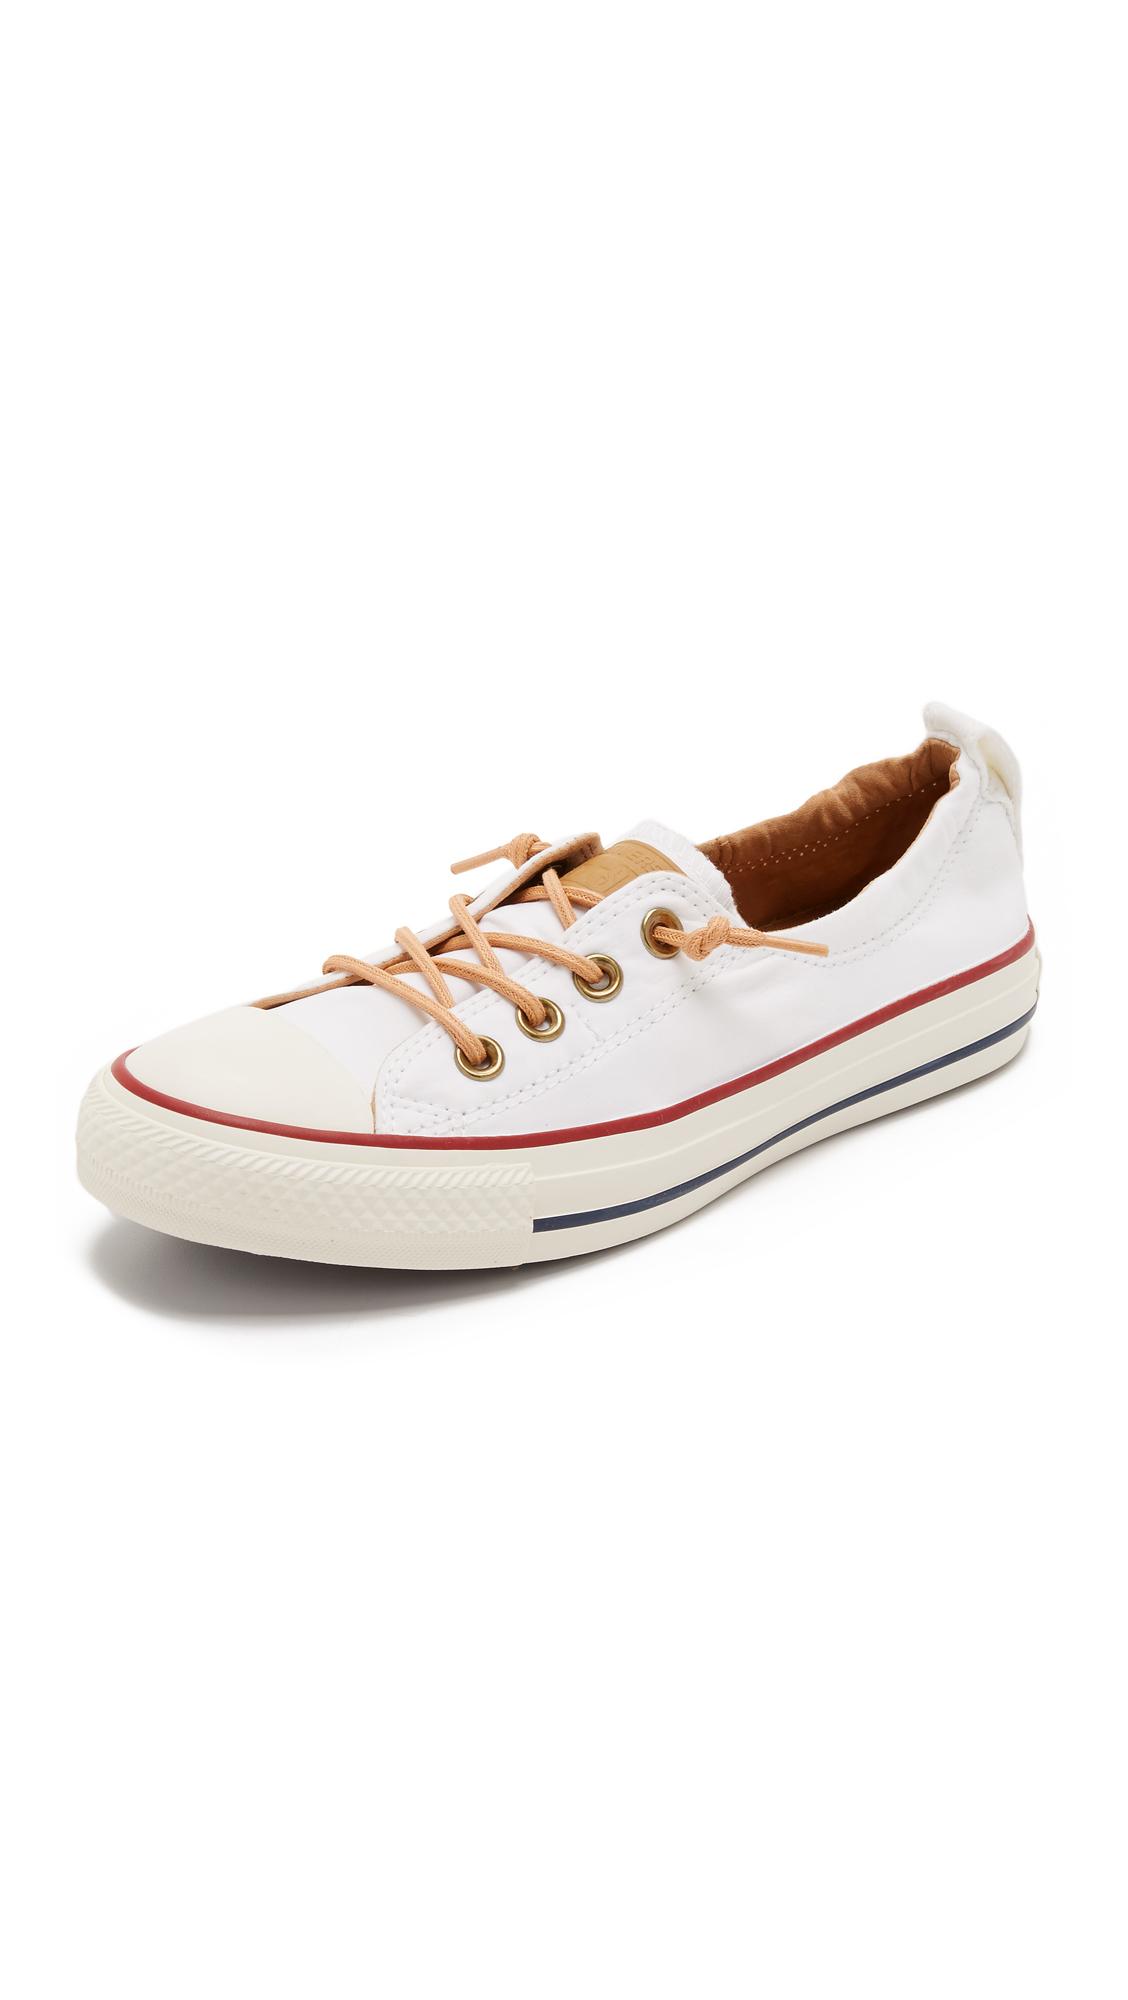 e79549ba956 Converse White Chuck Taylor All Star Shoreline Sneakers